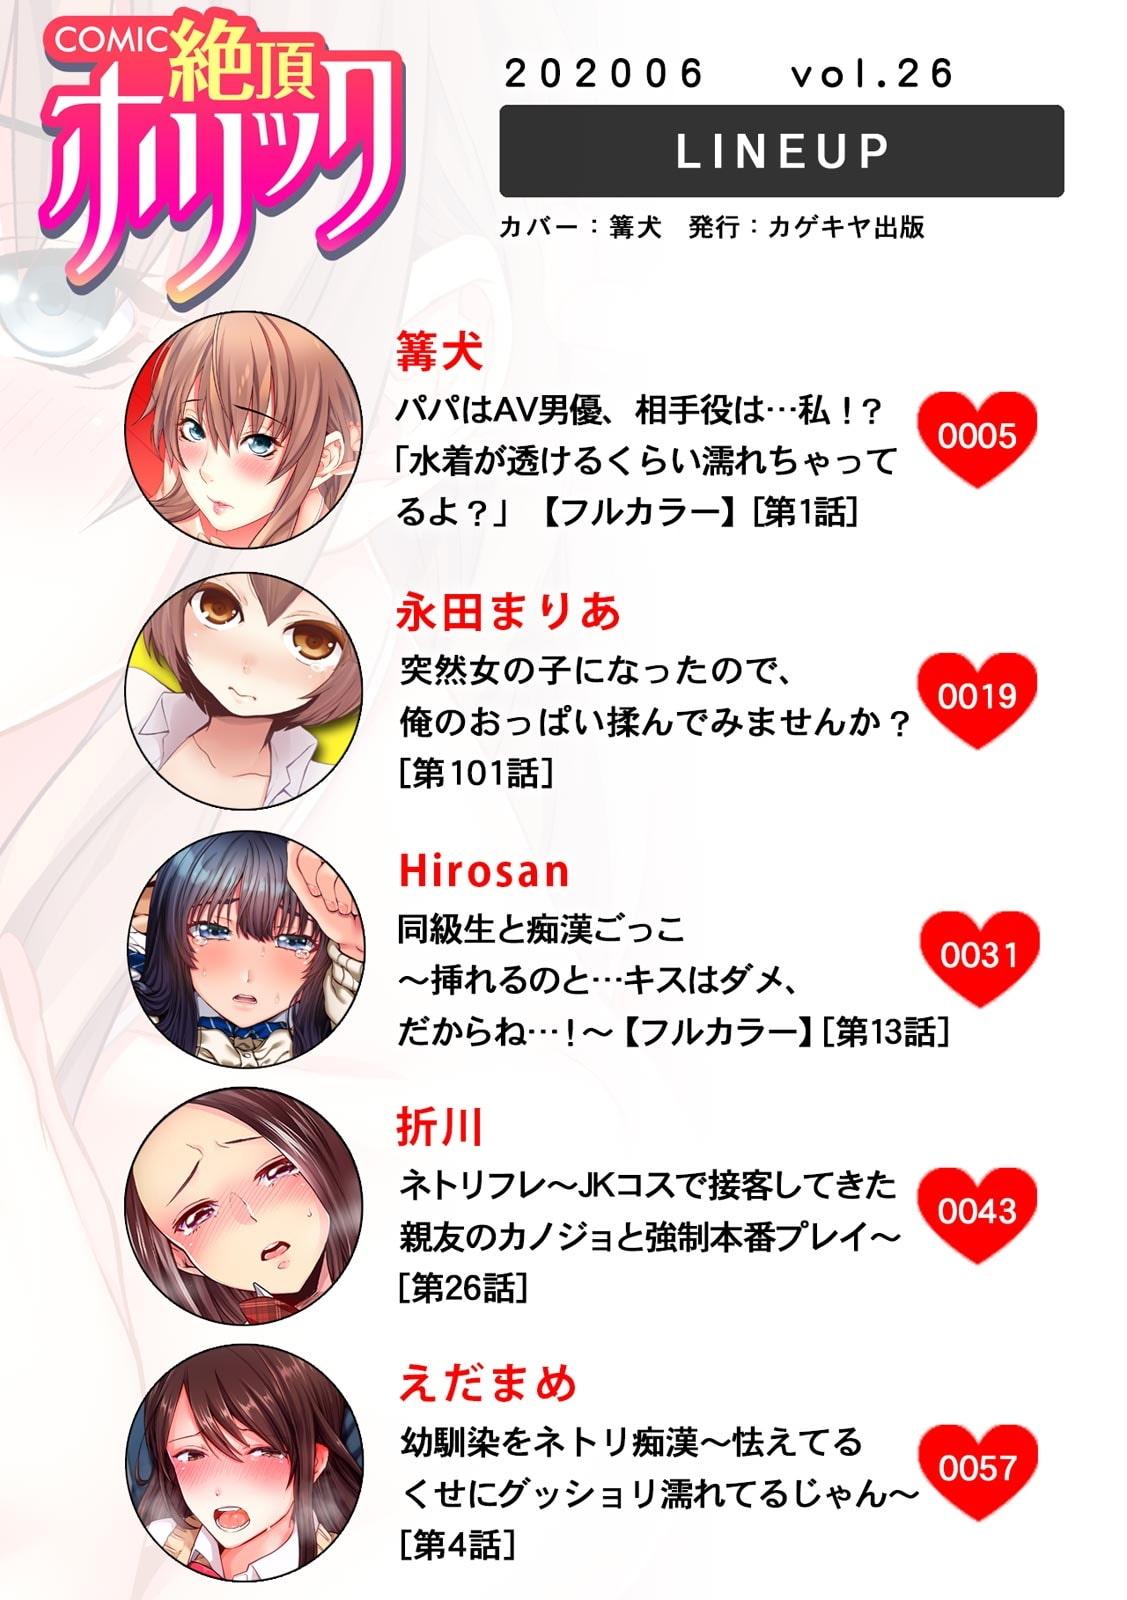 COMIC絶頂ホリック vol.26